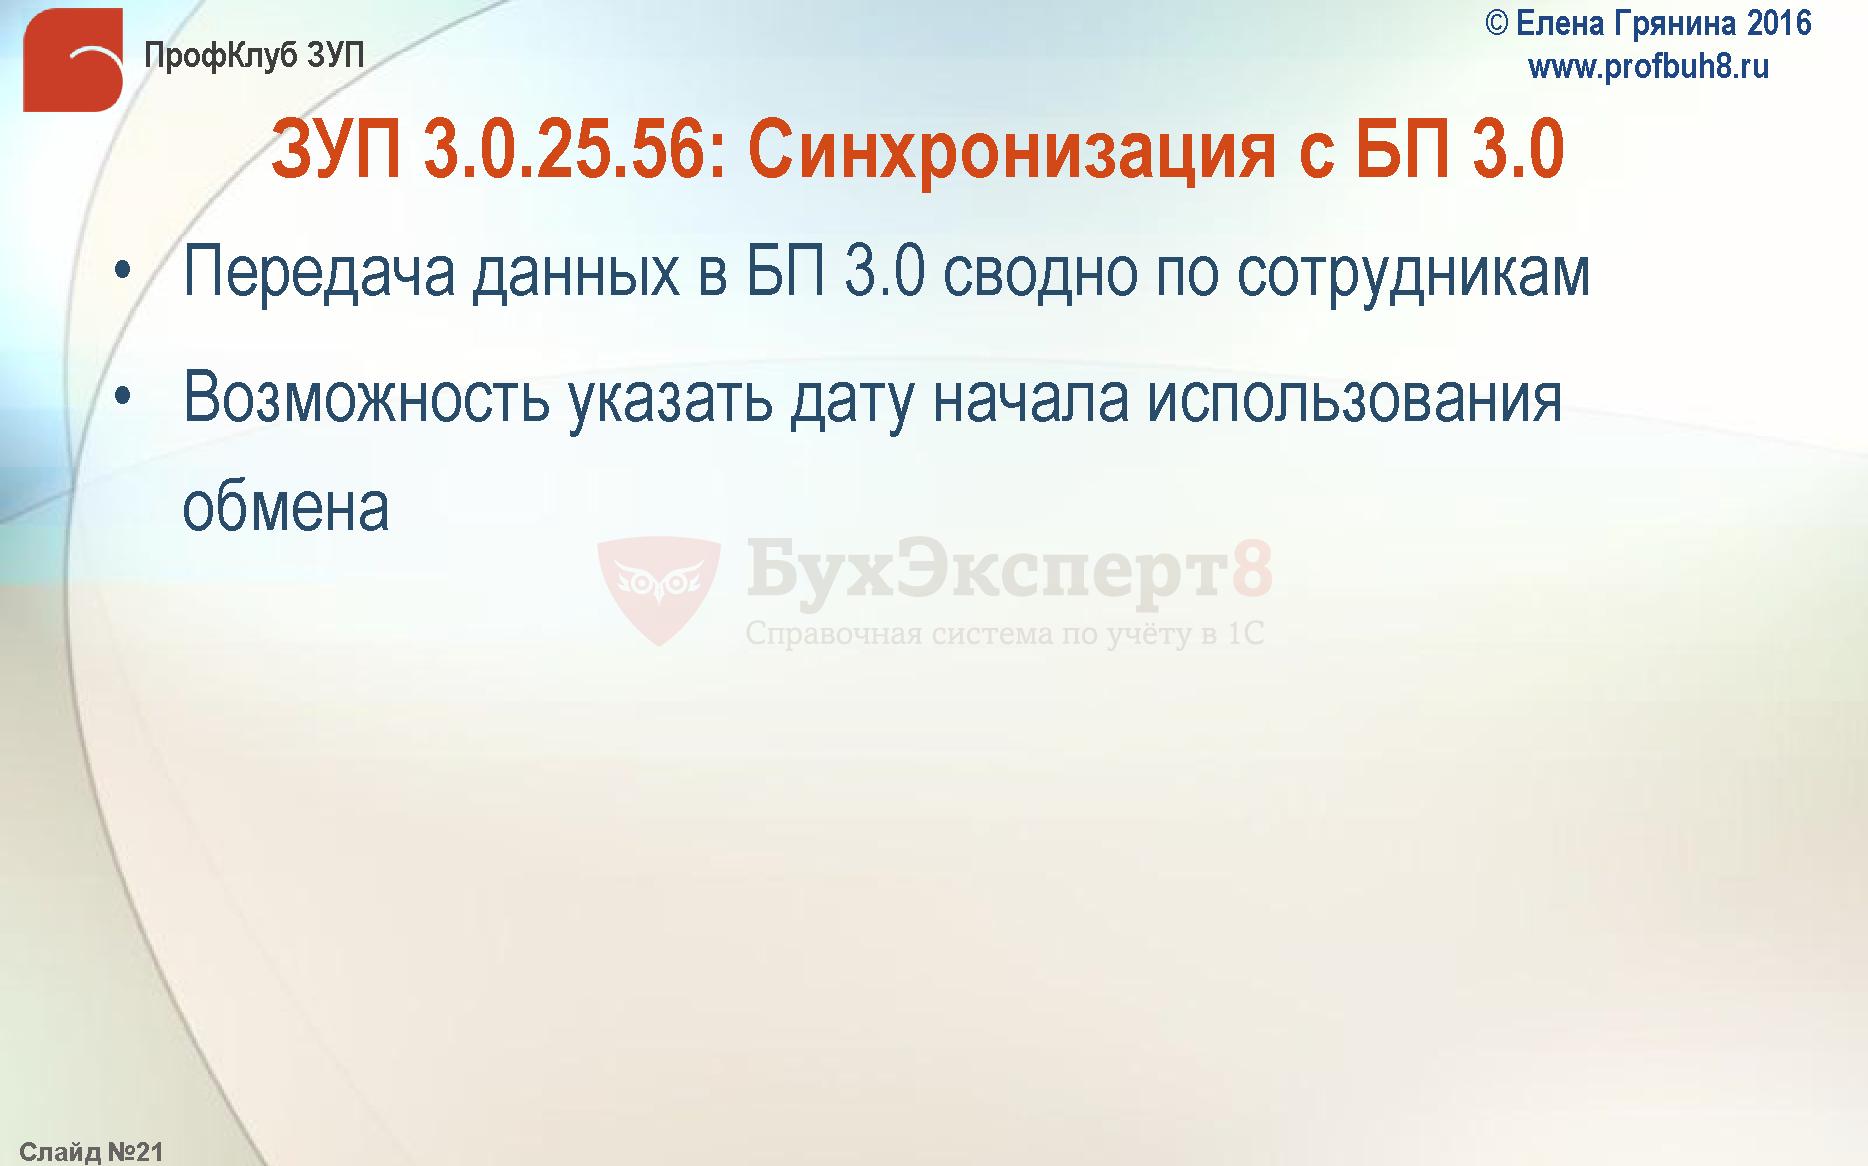 ЗУП 3.0.25.56: Синхронизация с БП 3.0 Передача данных в БП 3.0 сводно по сотрудникам Возможность указать дату начала использования обмена